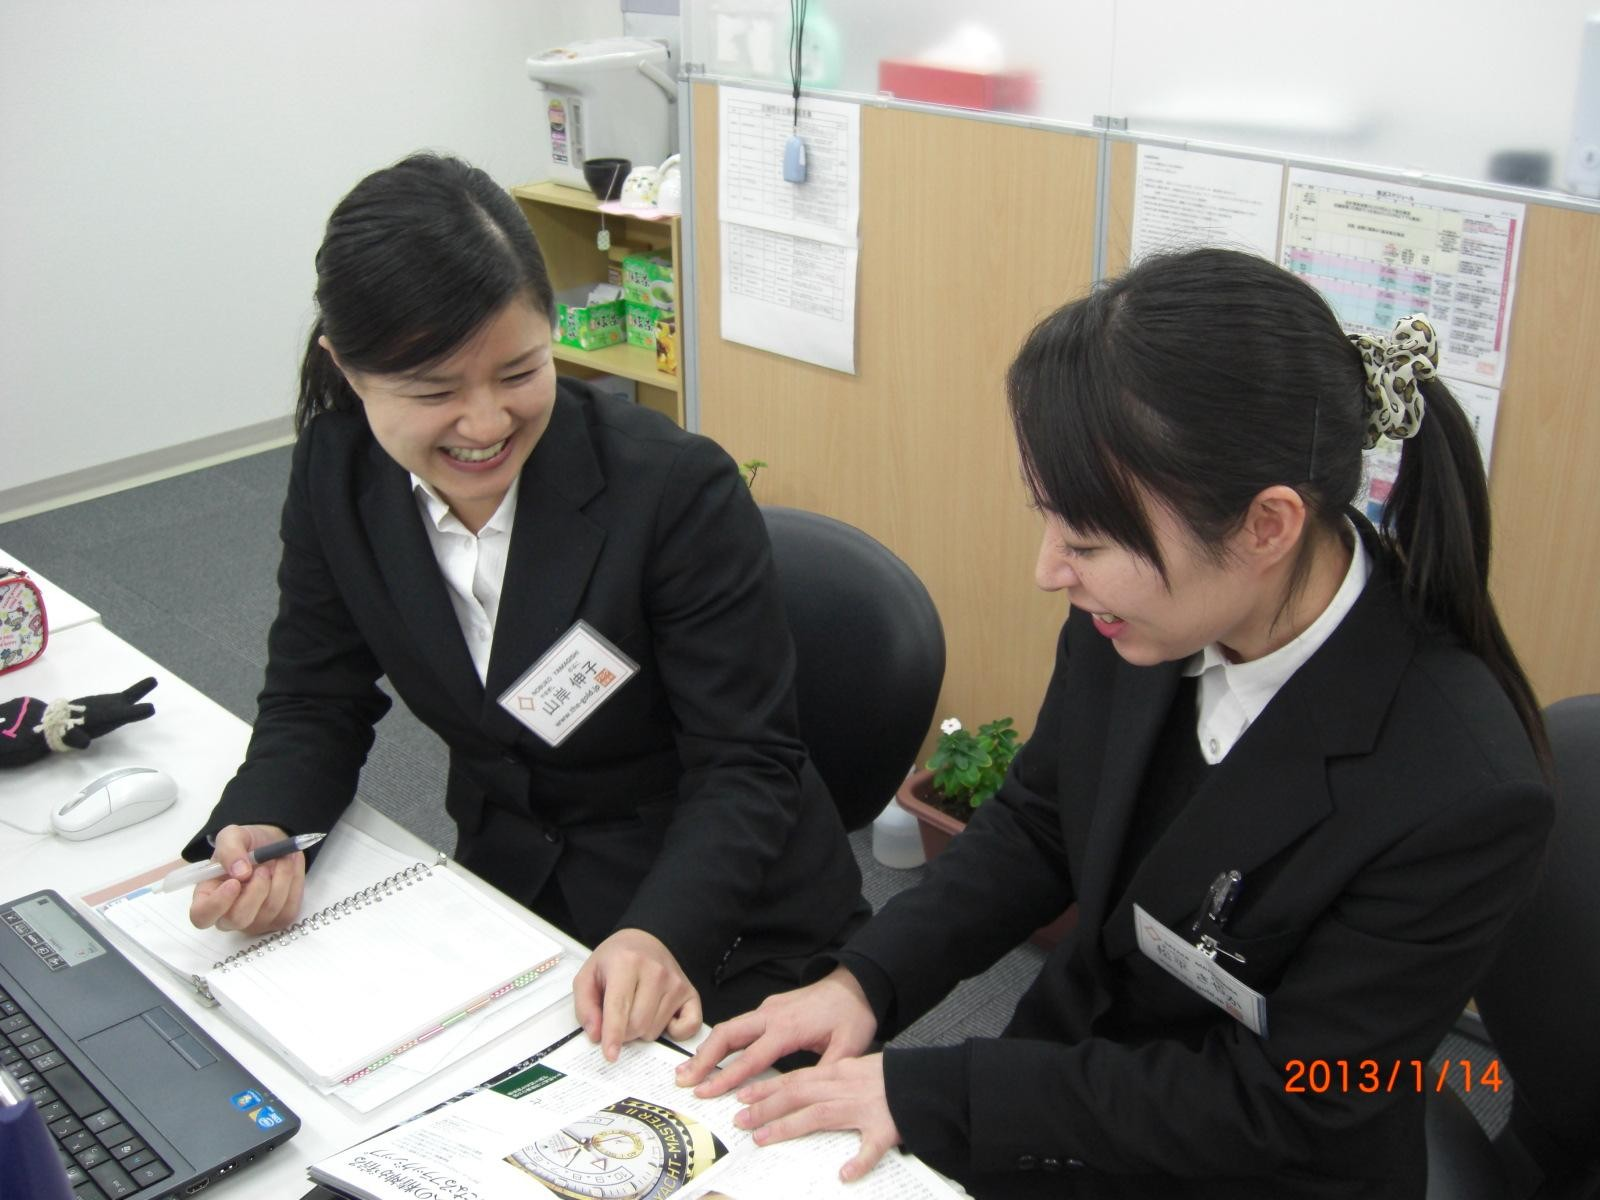 ザ・ゴールド 東広島店のアルバイト情報